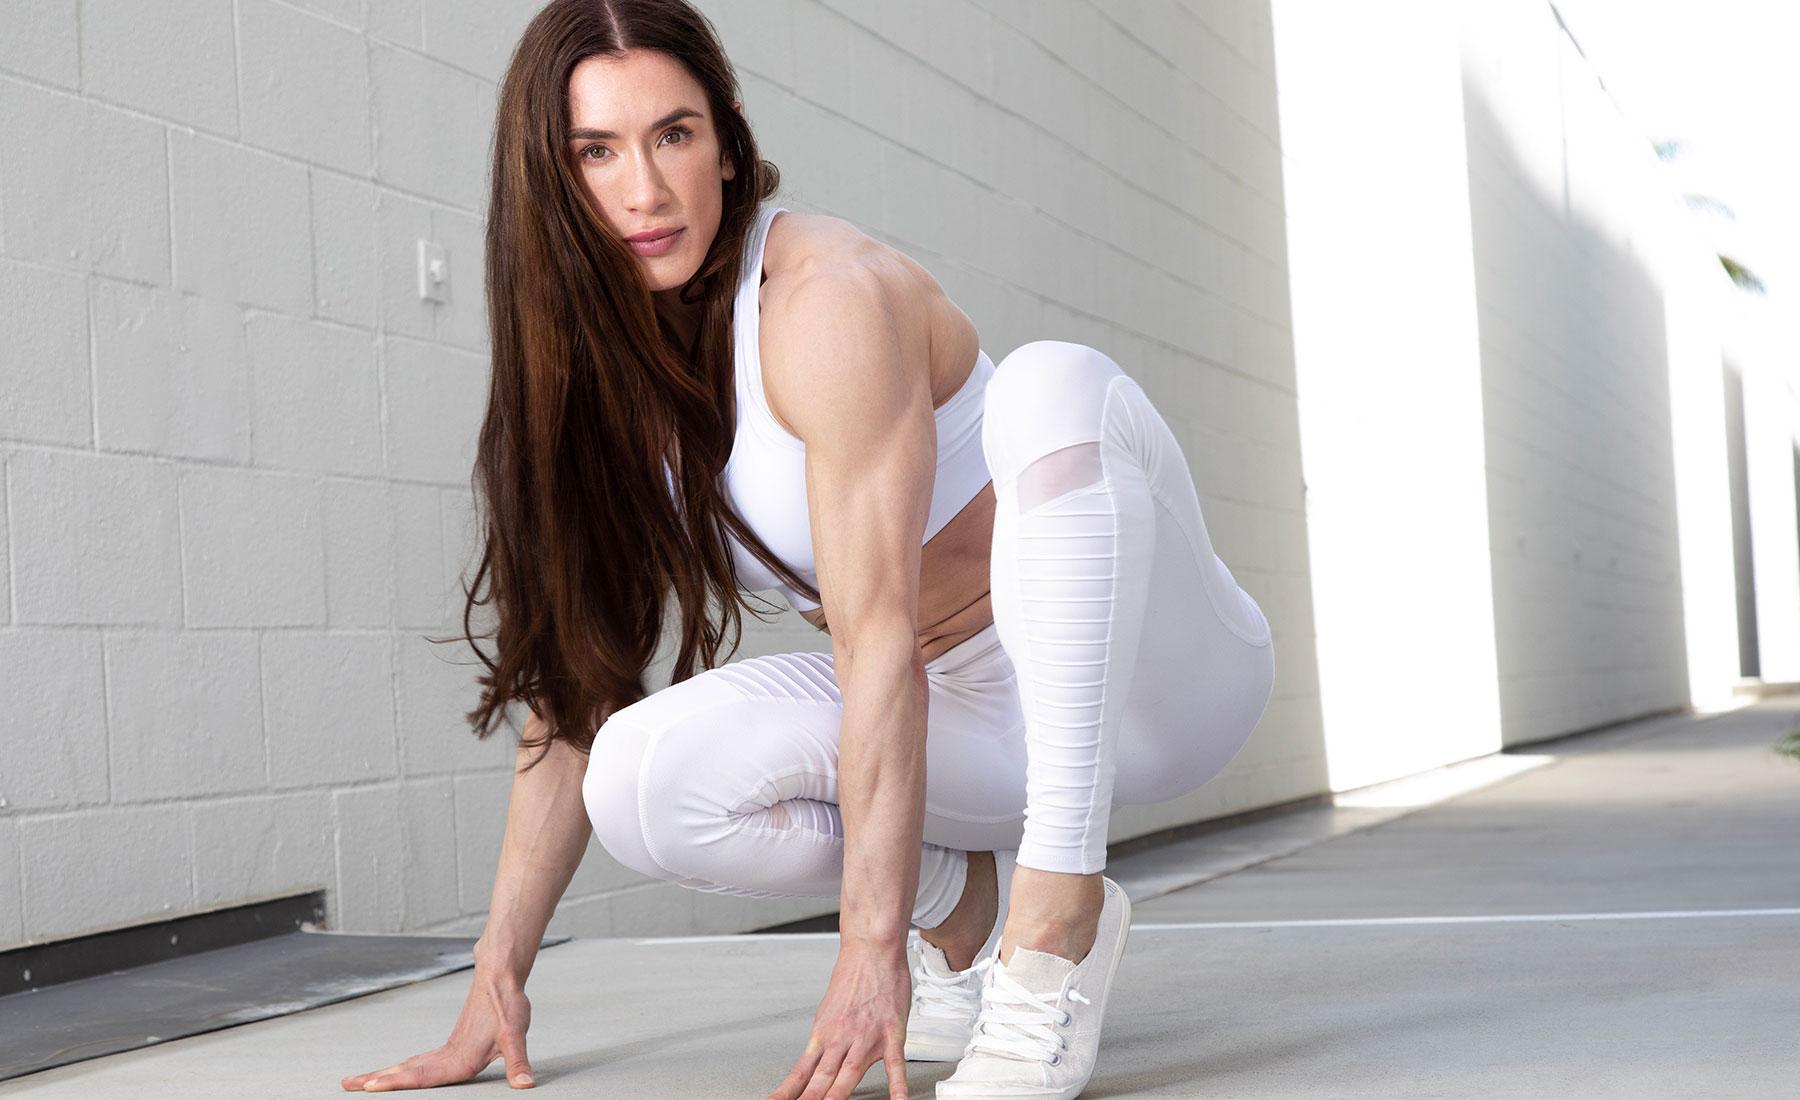 Body by Pauline leg workouts for women